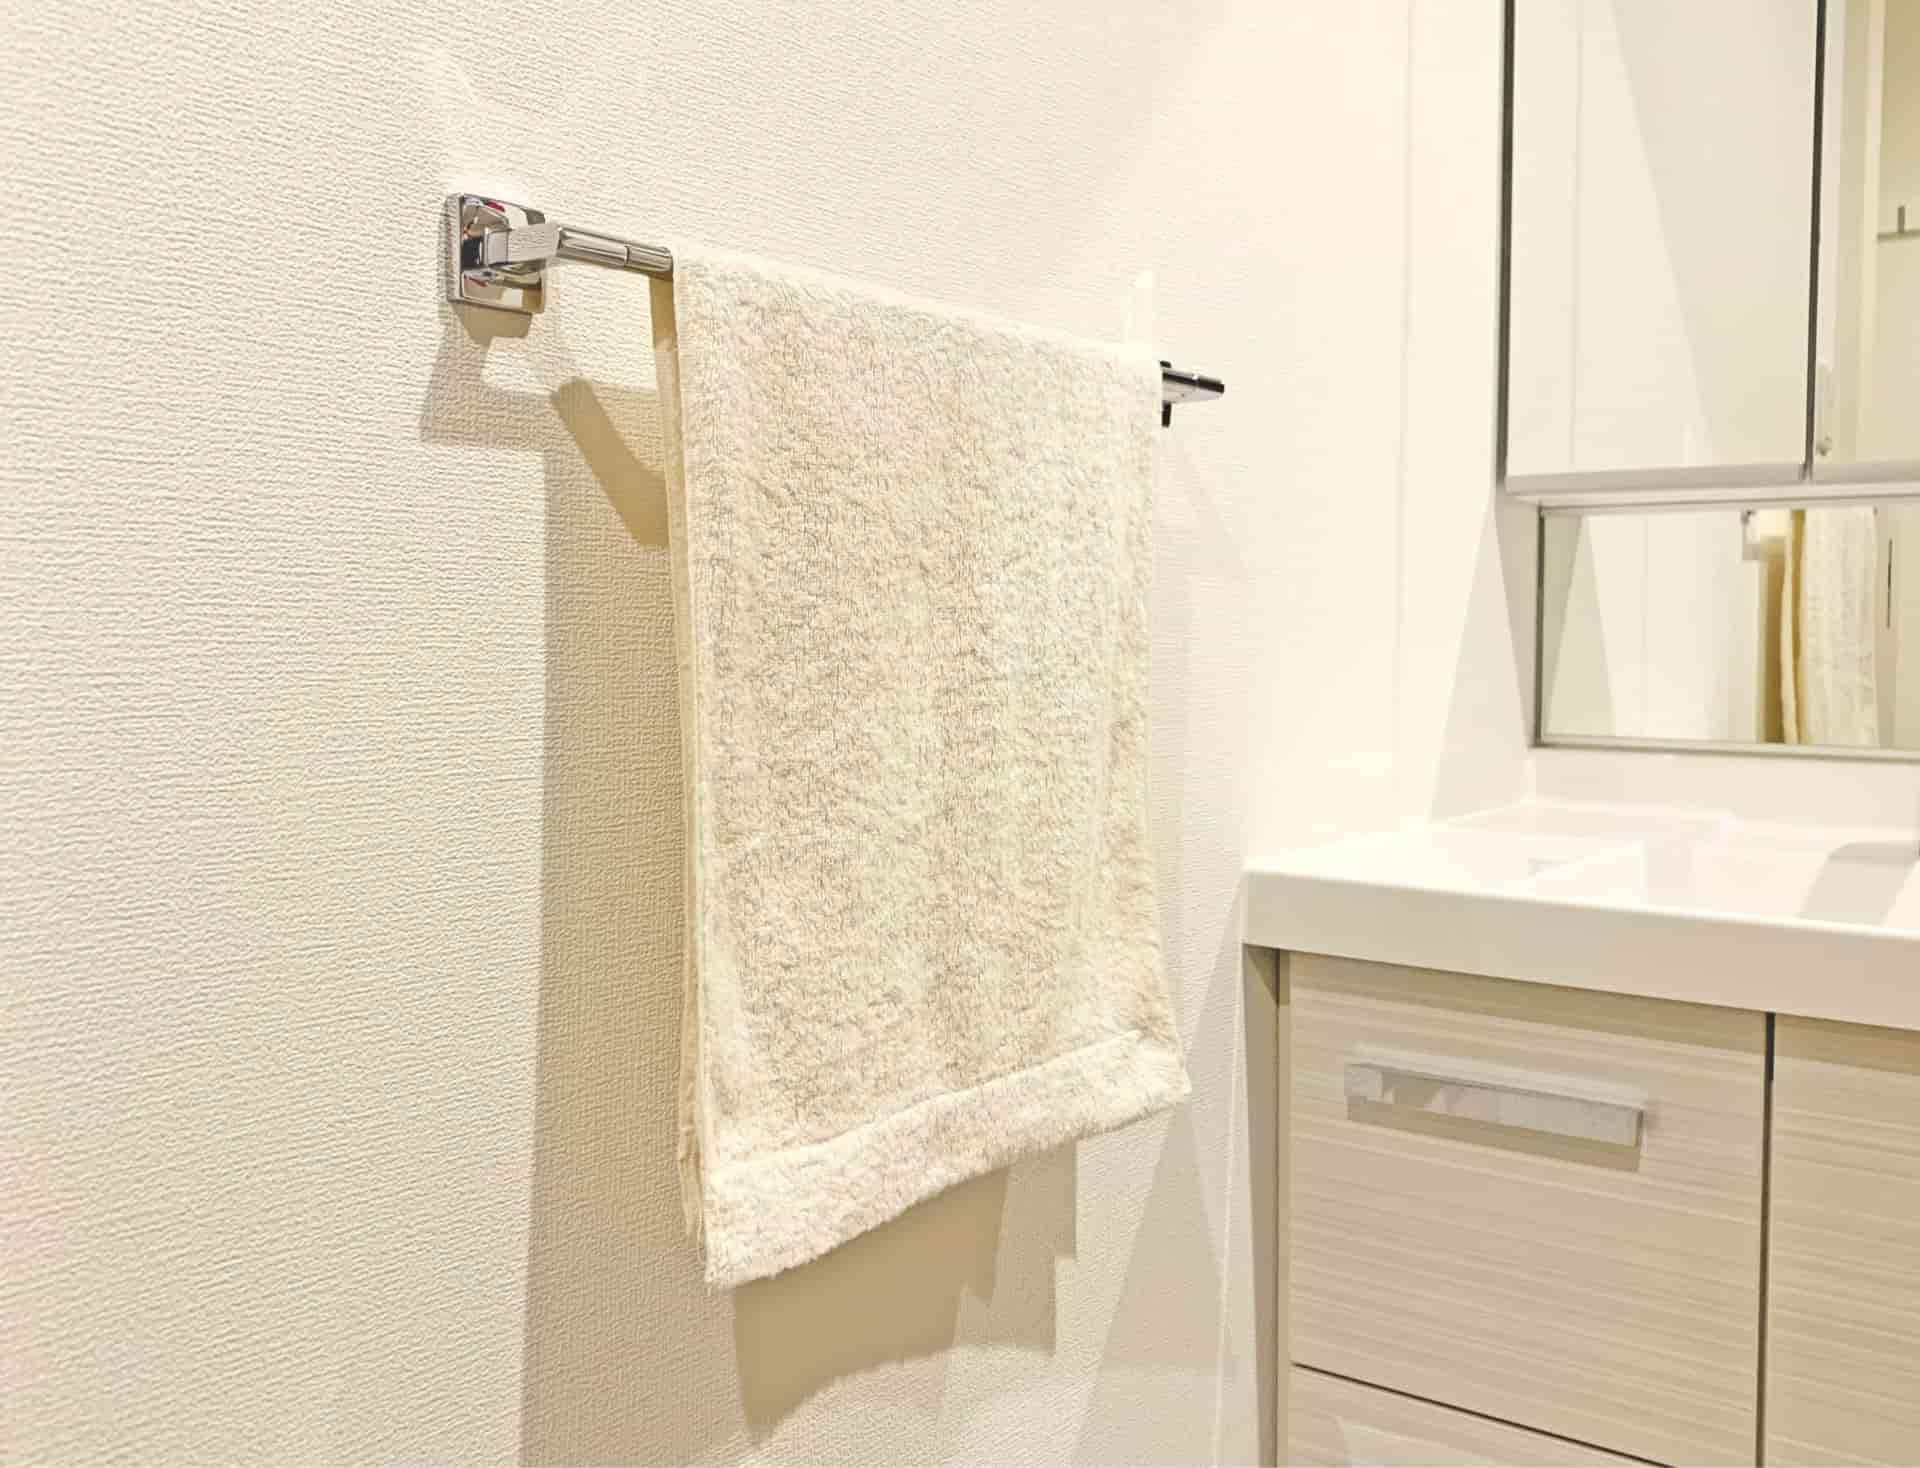 洗面所の壁紙選びに悩んでいる方必見 壁紙張り替えを安くする秘訣も解説 柏市のリフォーム キコー企業企画